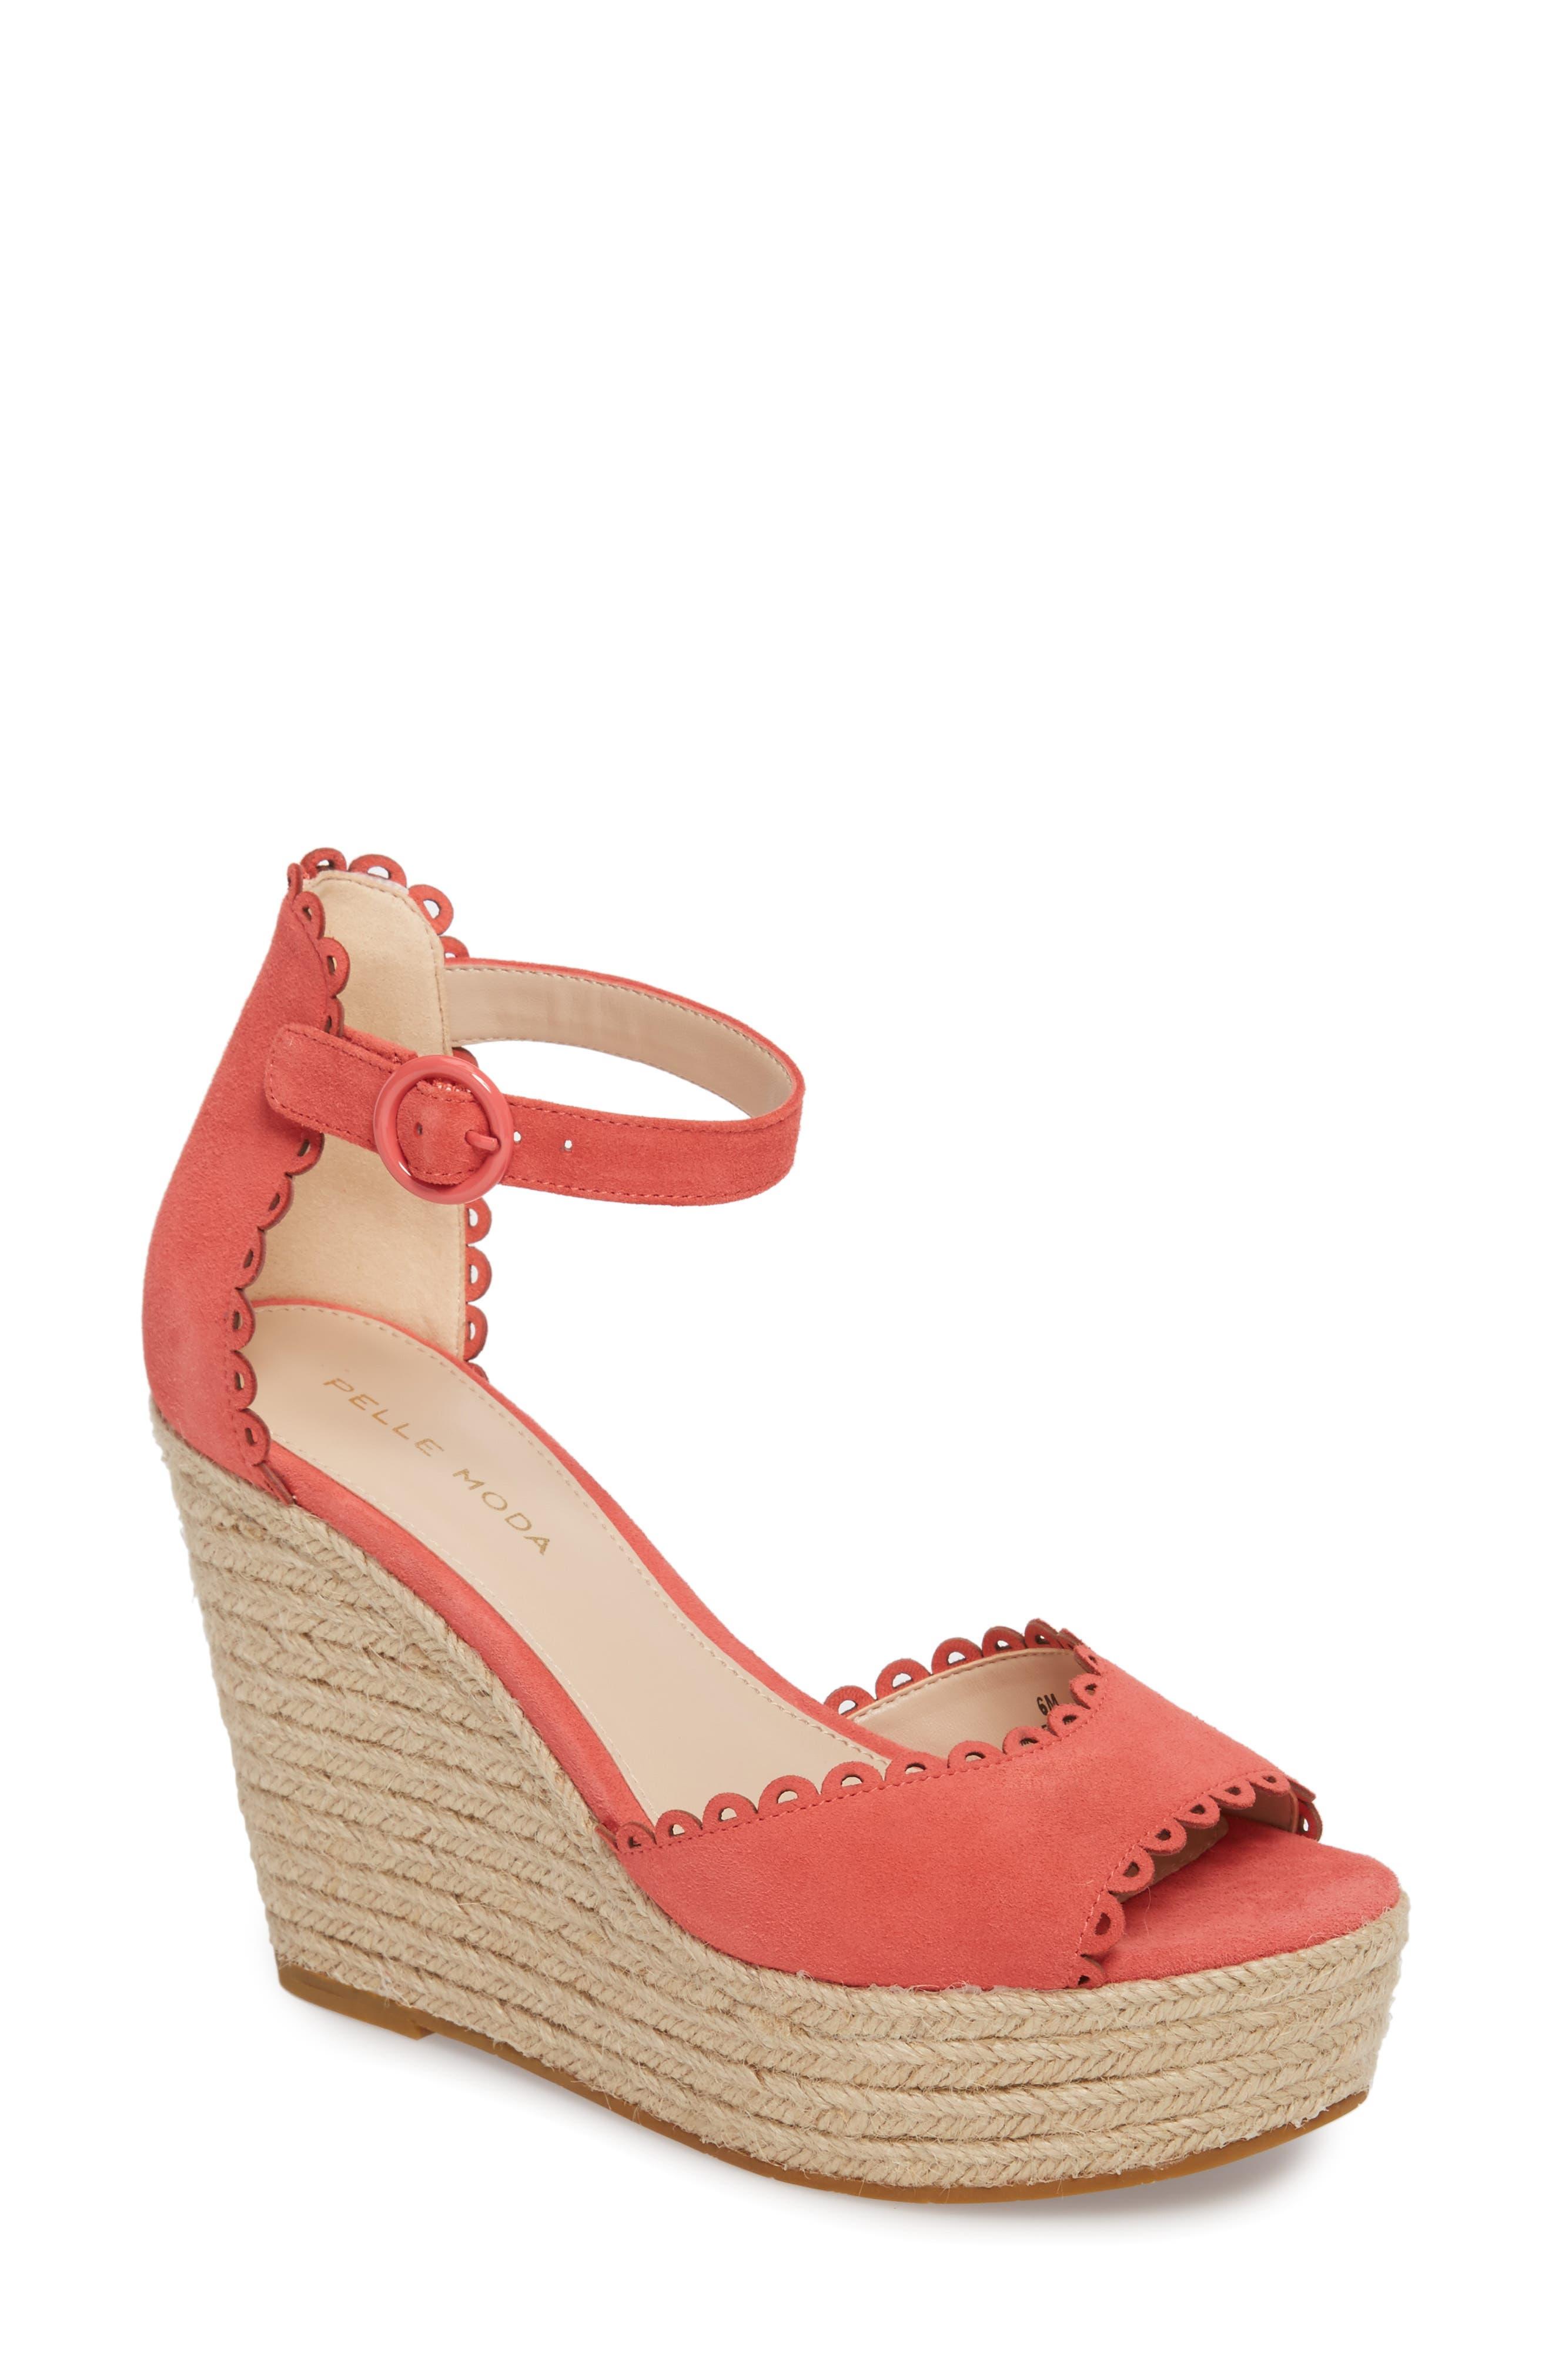 Raine Platform Espadrille Sandal,                             Main thumbnail 1, color,                             Flamingo Suede